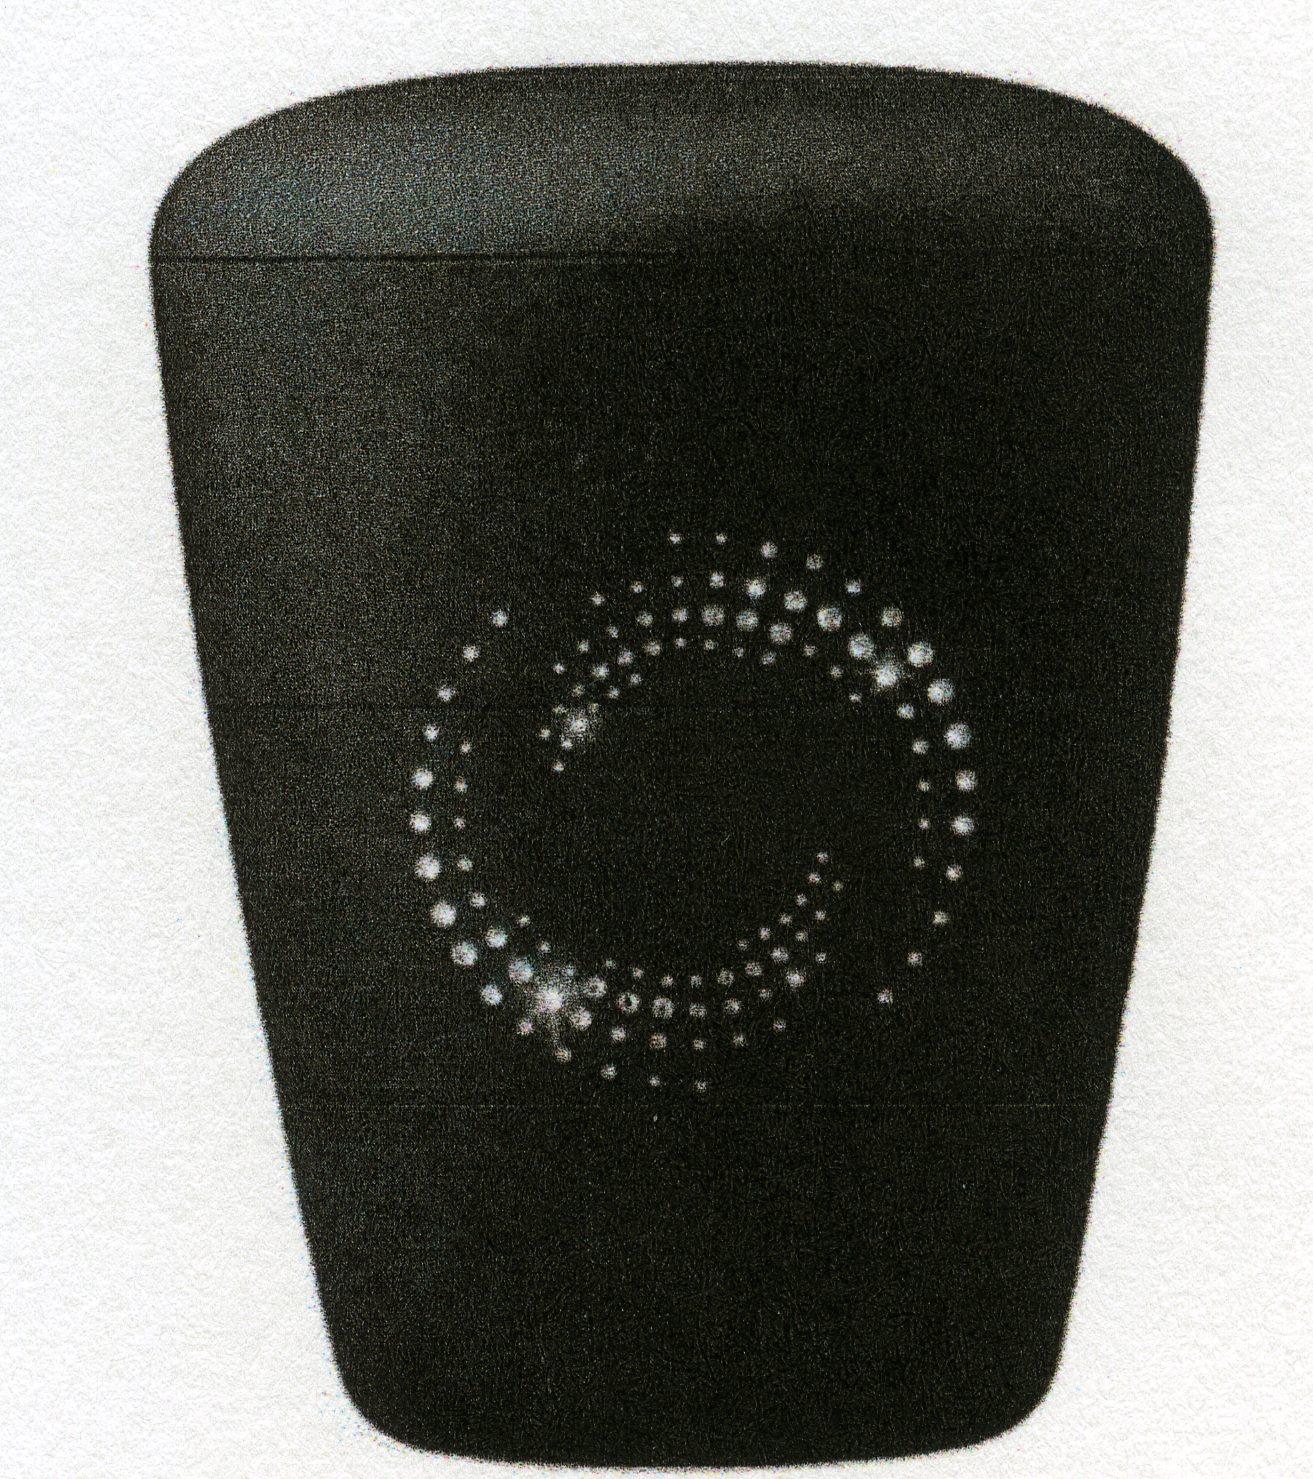 Urne med symbol i Swarovski krystaller